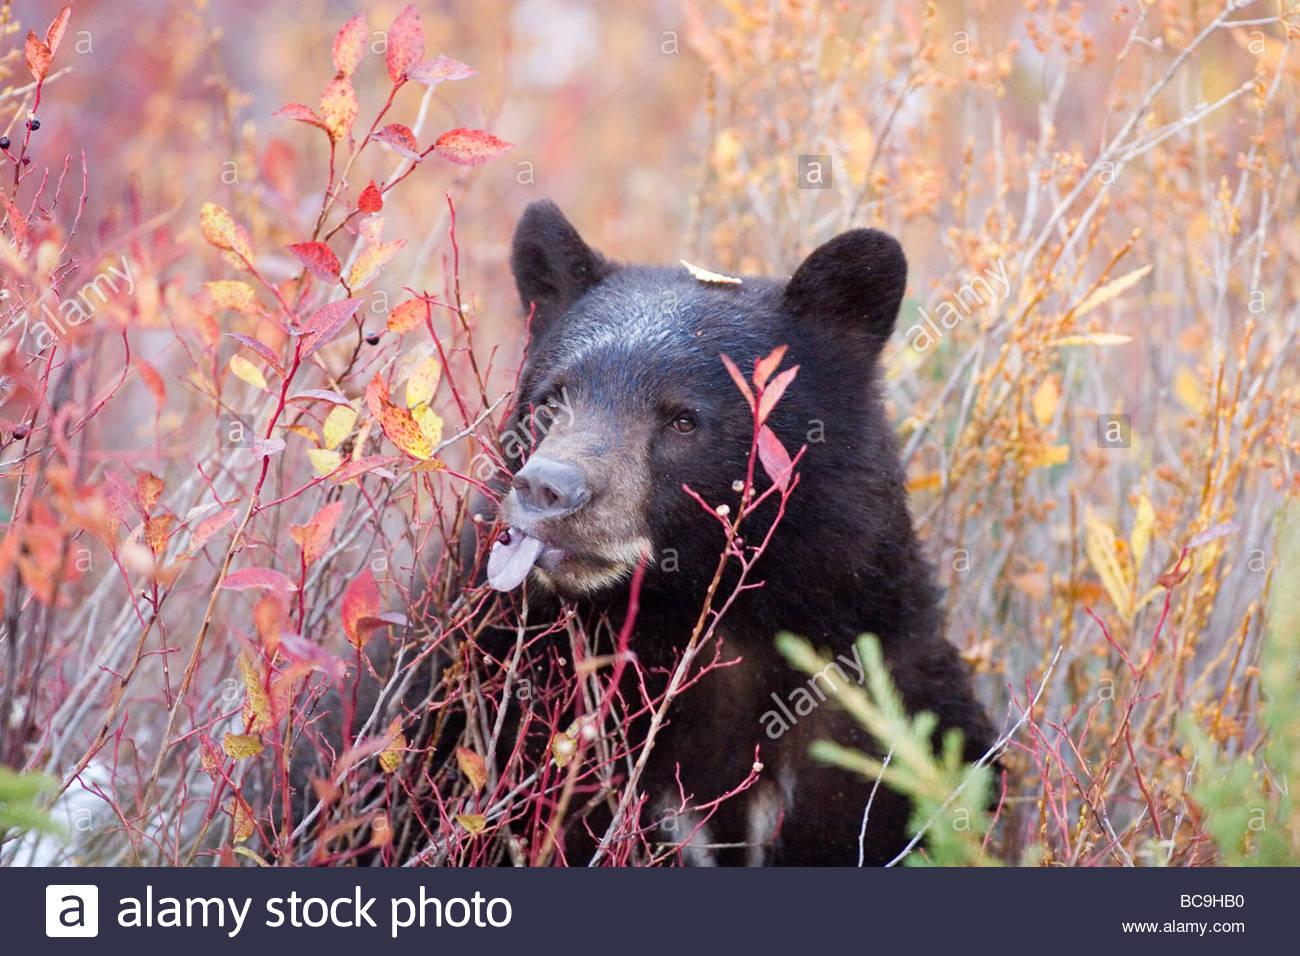 Ein schwarzer Bär frisst eine Blaubeere beim Hinzufügen von Gewicht für den Winterschlaf. Stockbild